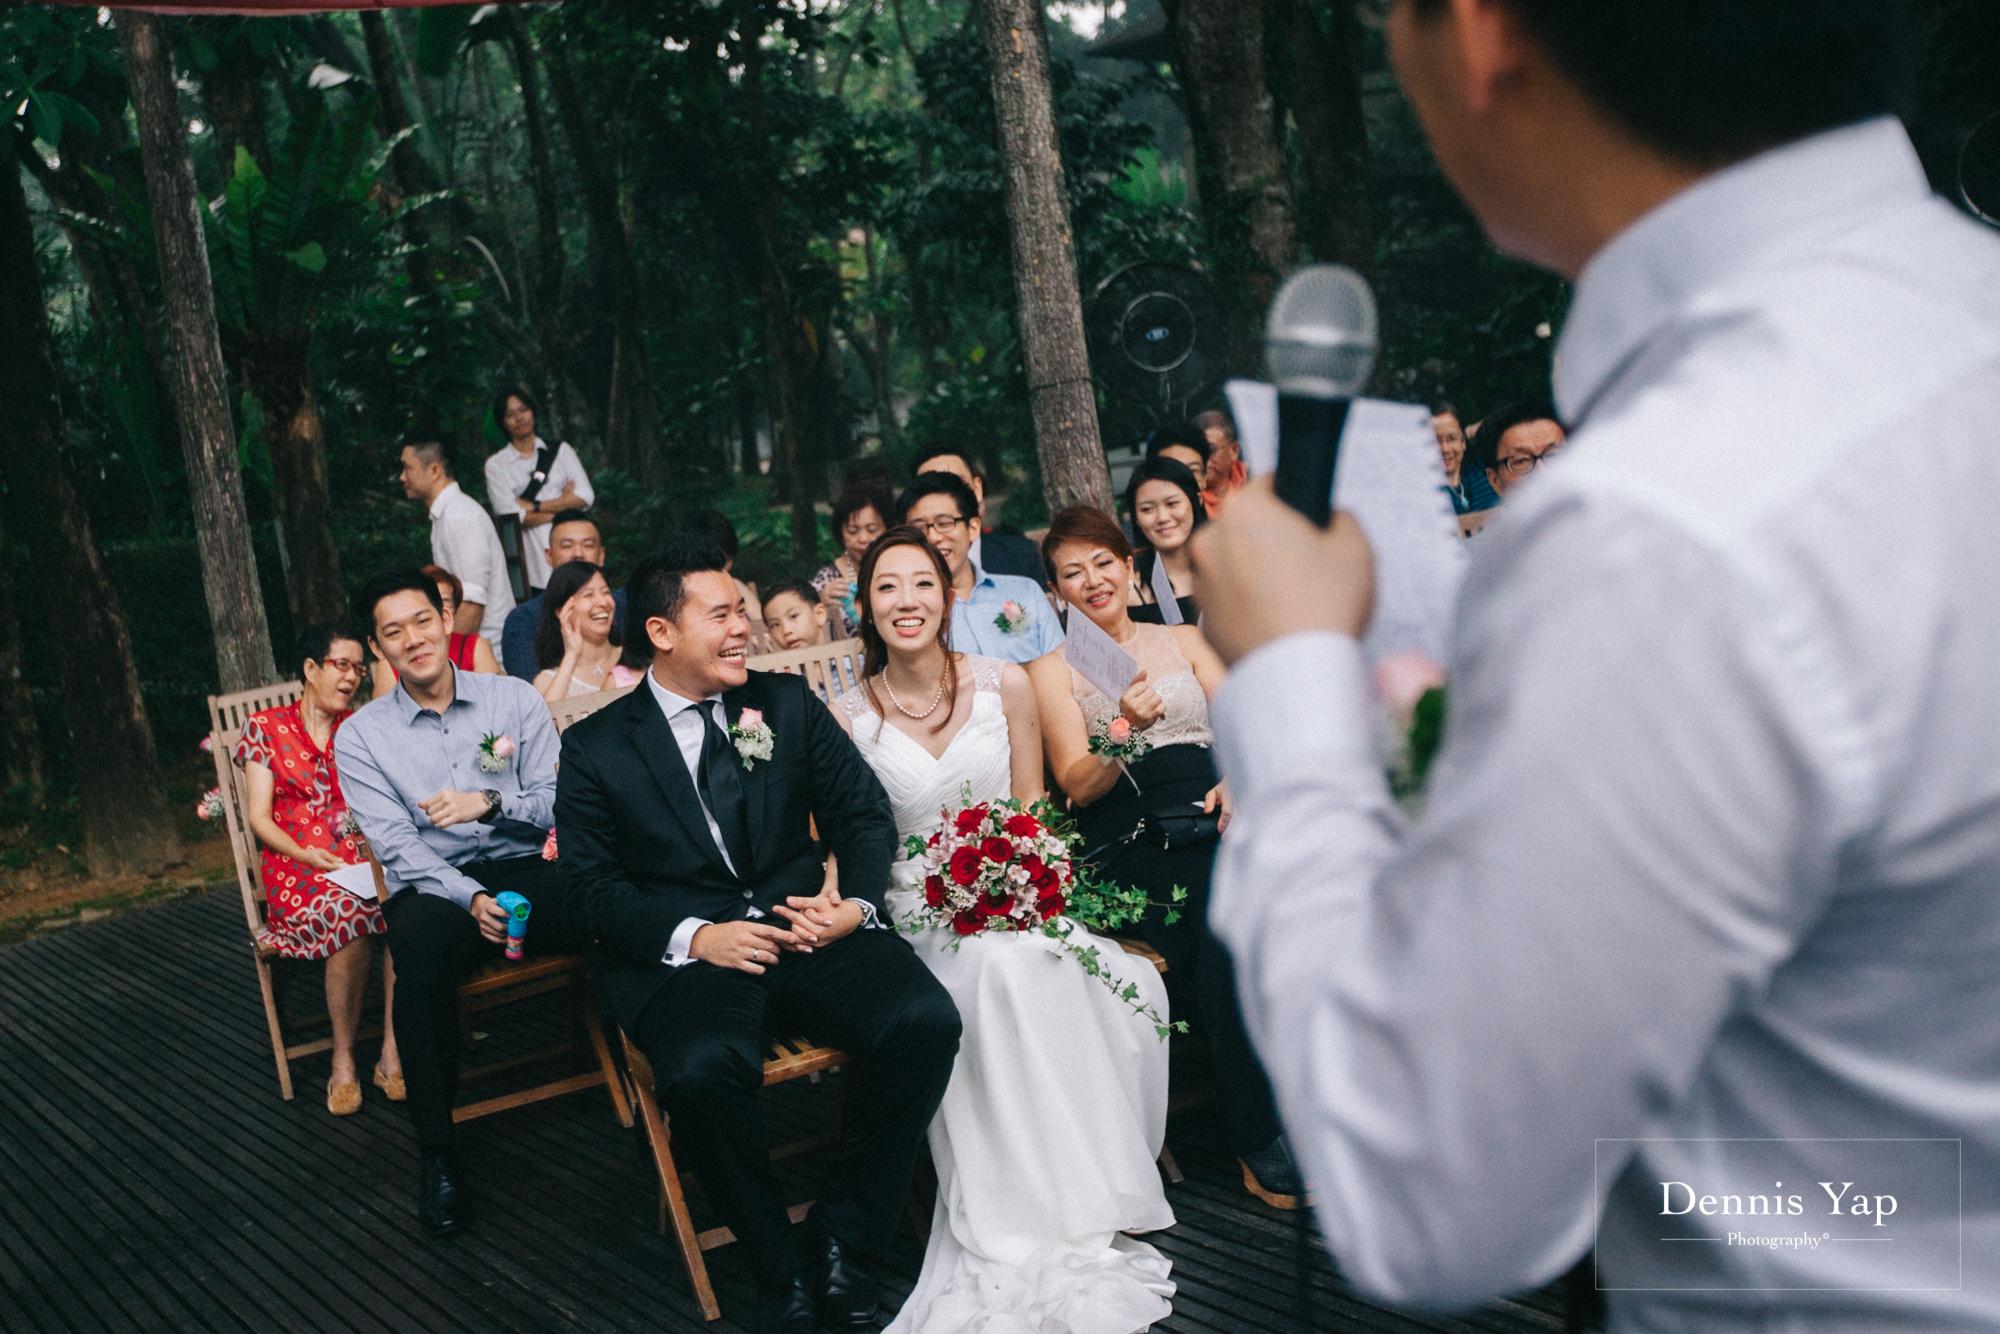 jason su lin rom registration gita bayu serdang wedding reception ceremony dennis yap photography fog malaysia-16.jpg